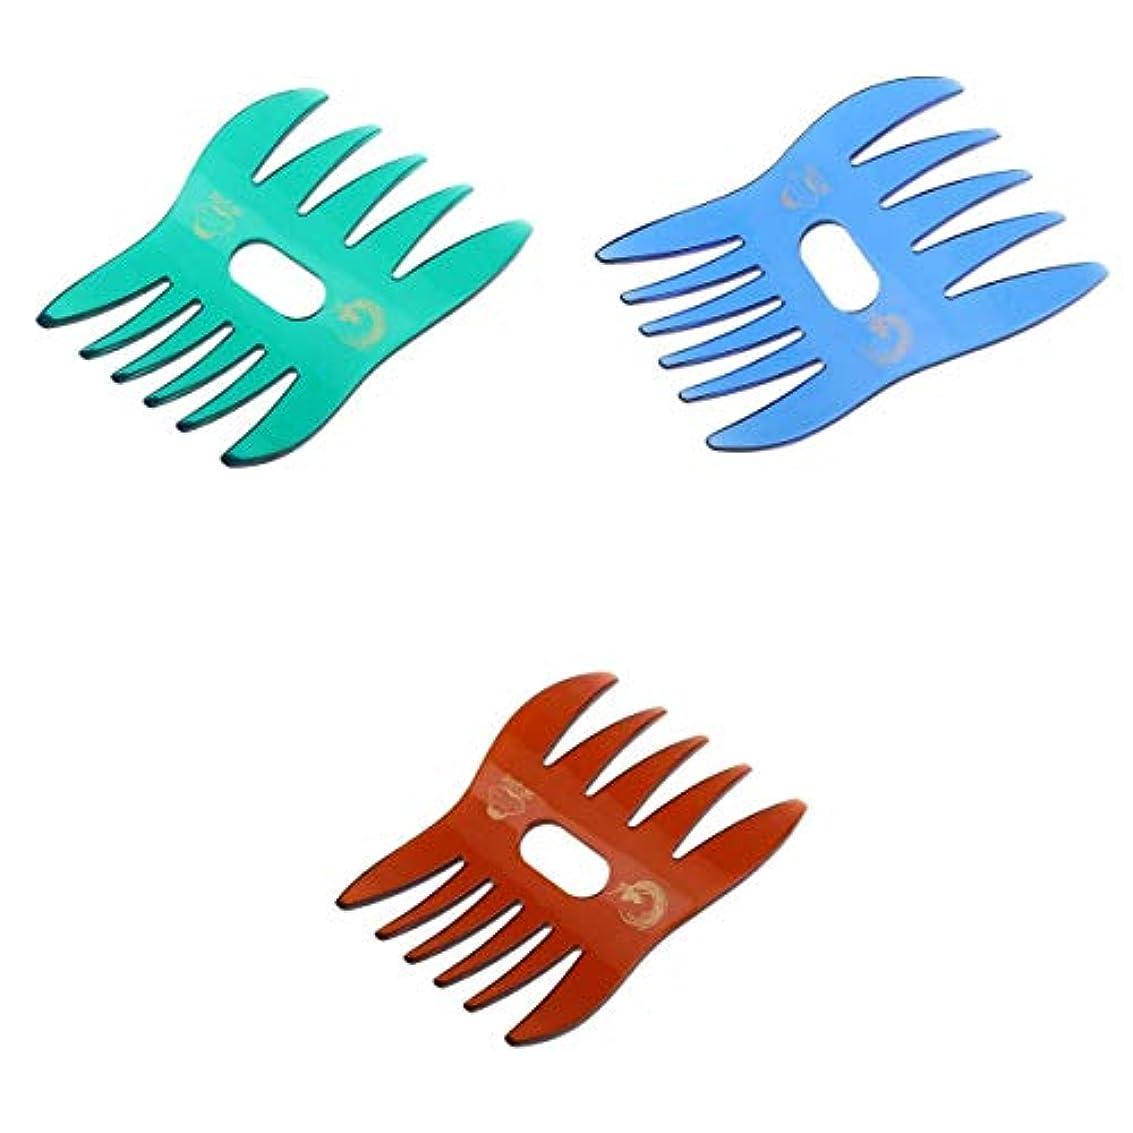 五十ステージクラブ櫛 ヘアコーム コーム ヘア櫛 静電気防止 粗歯 頭皮マッサージ オイルヘアスタイル